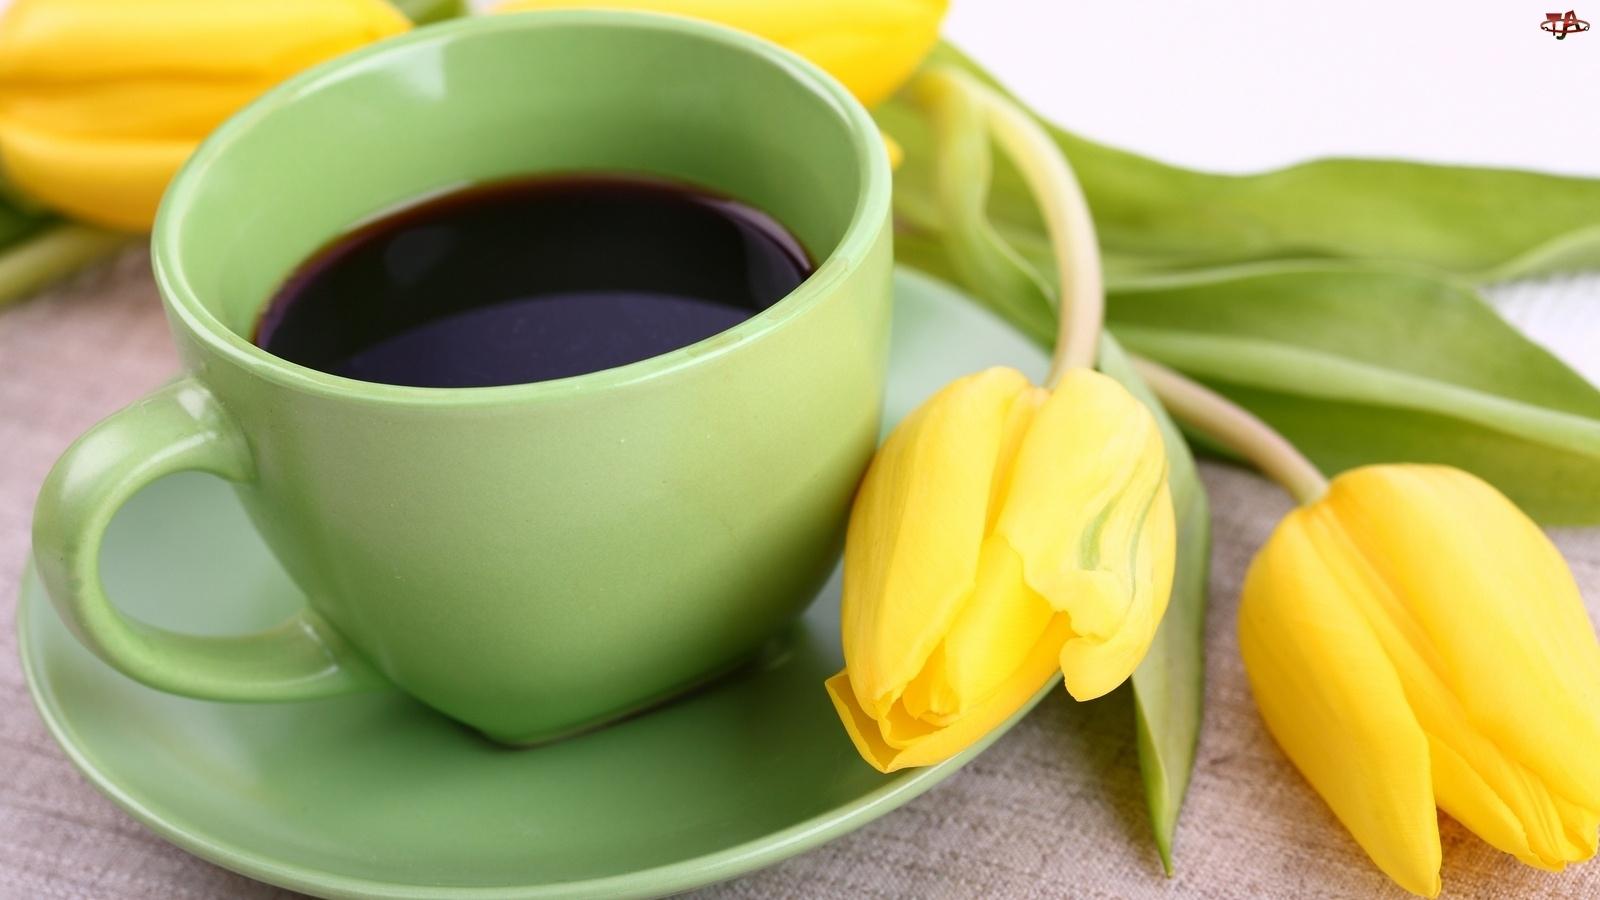 Tulipany, Zielona, Kawa, Filiżanka, Żółte